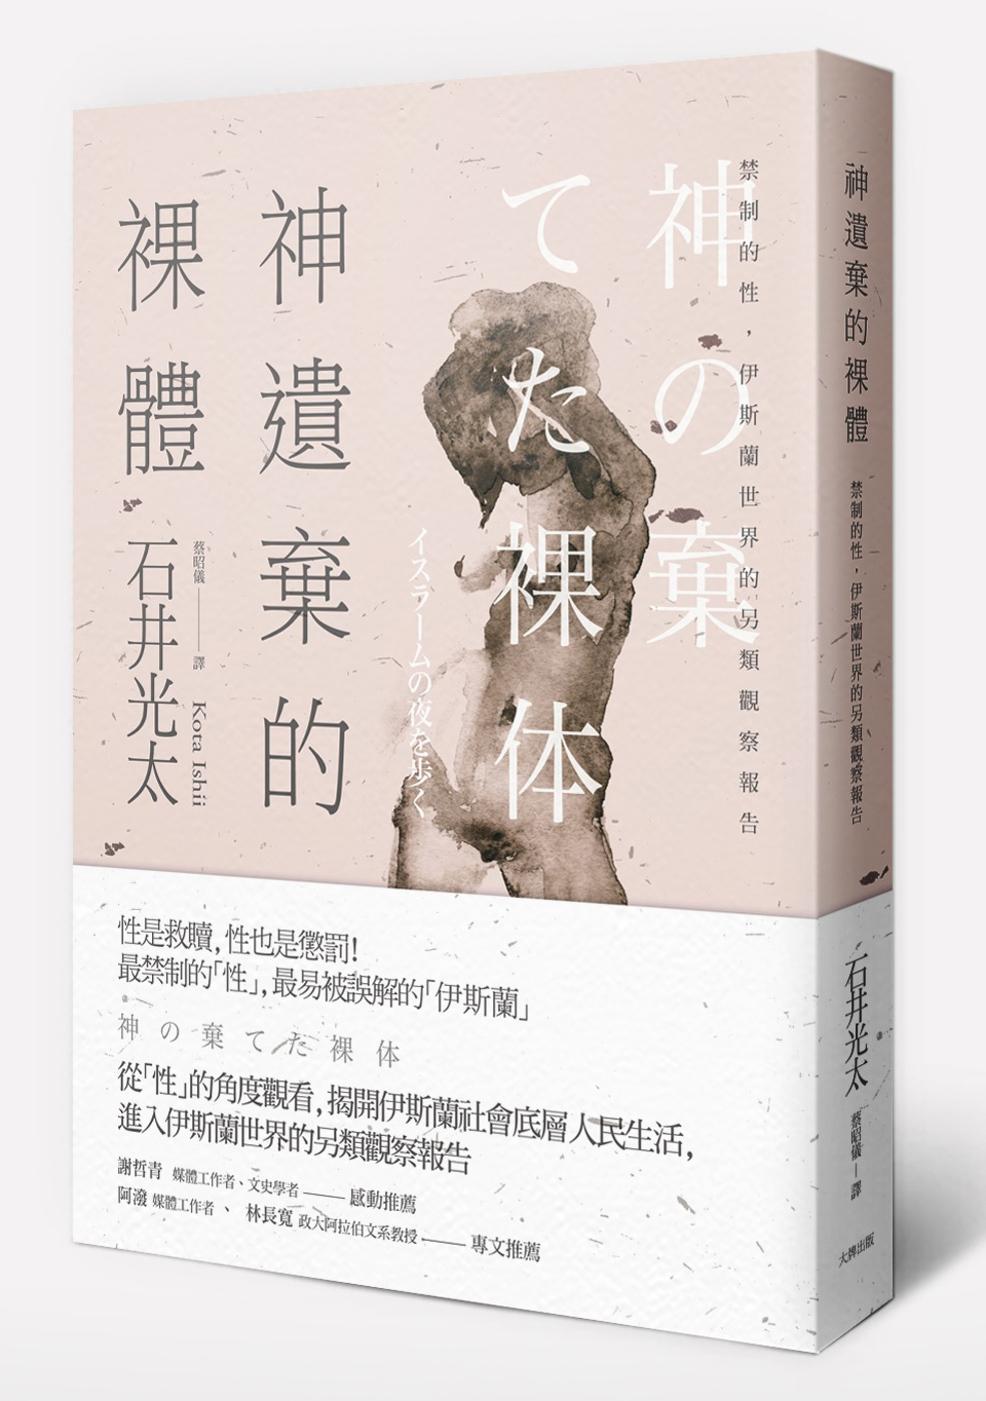 神遺棄的裸體:禁制的性,伊斯蘭世界的另類觀察報告